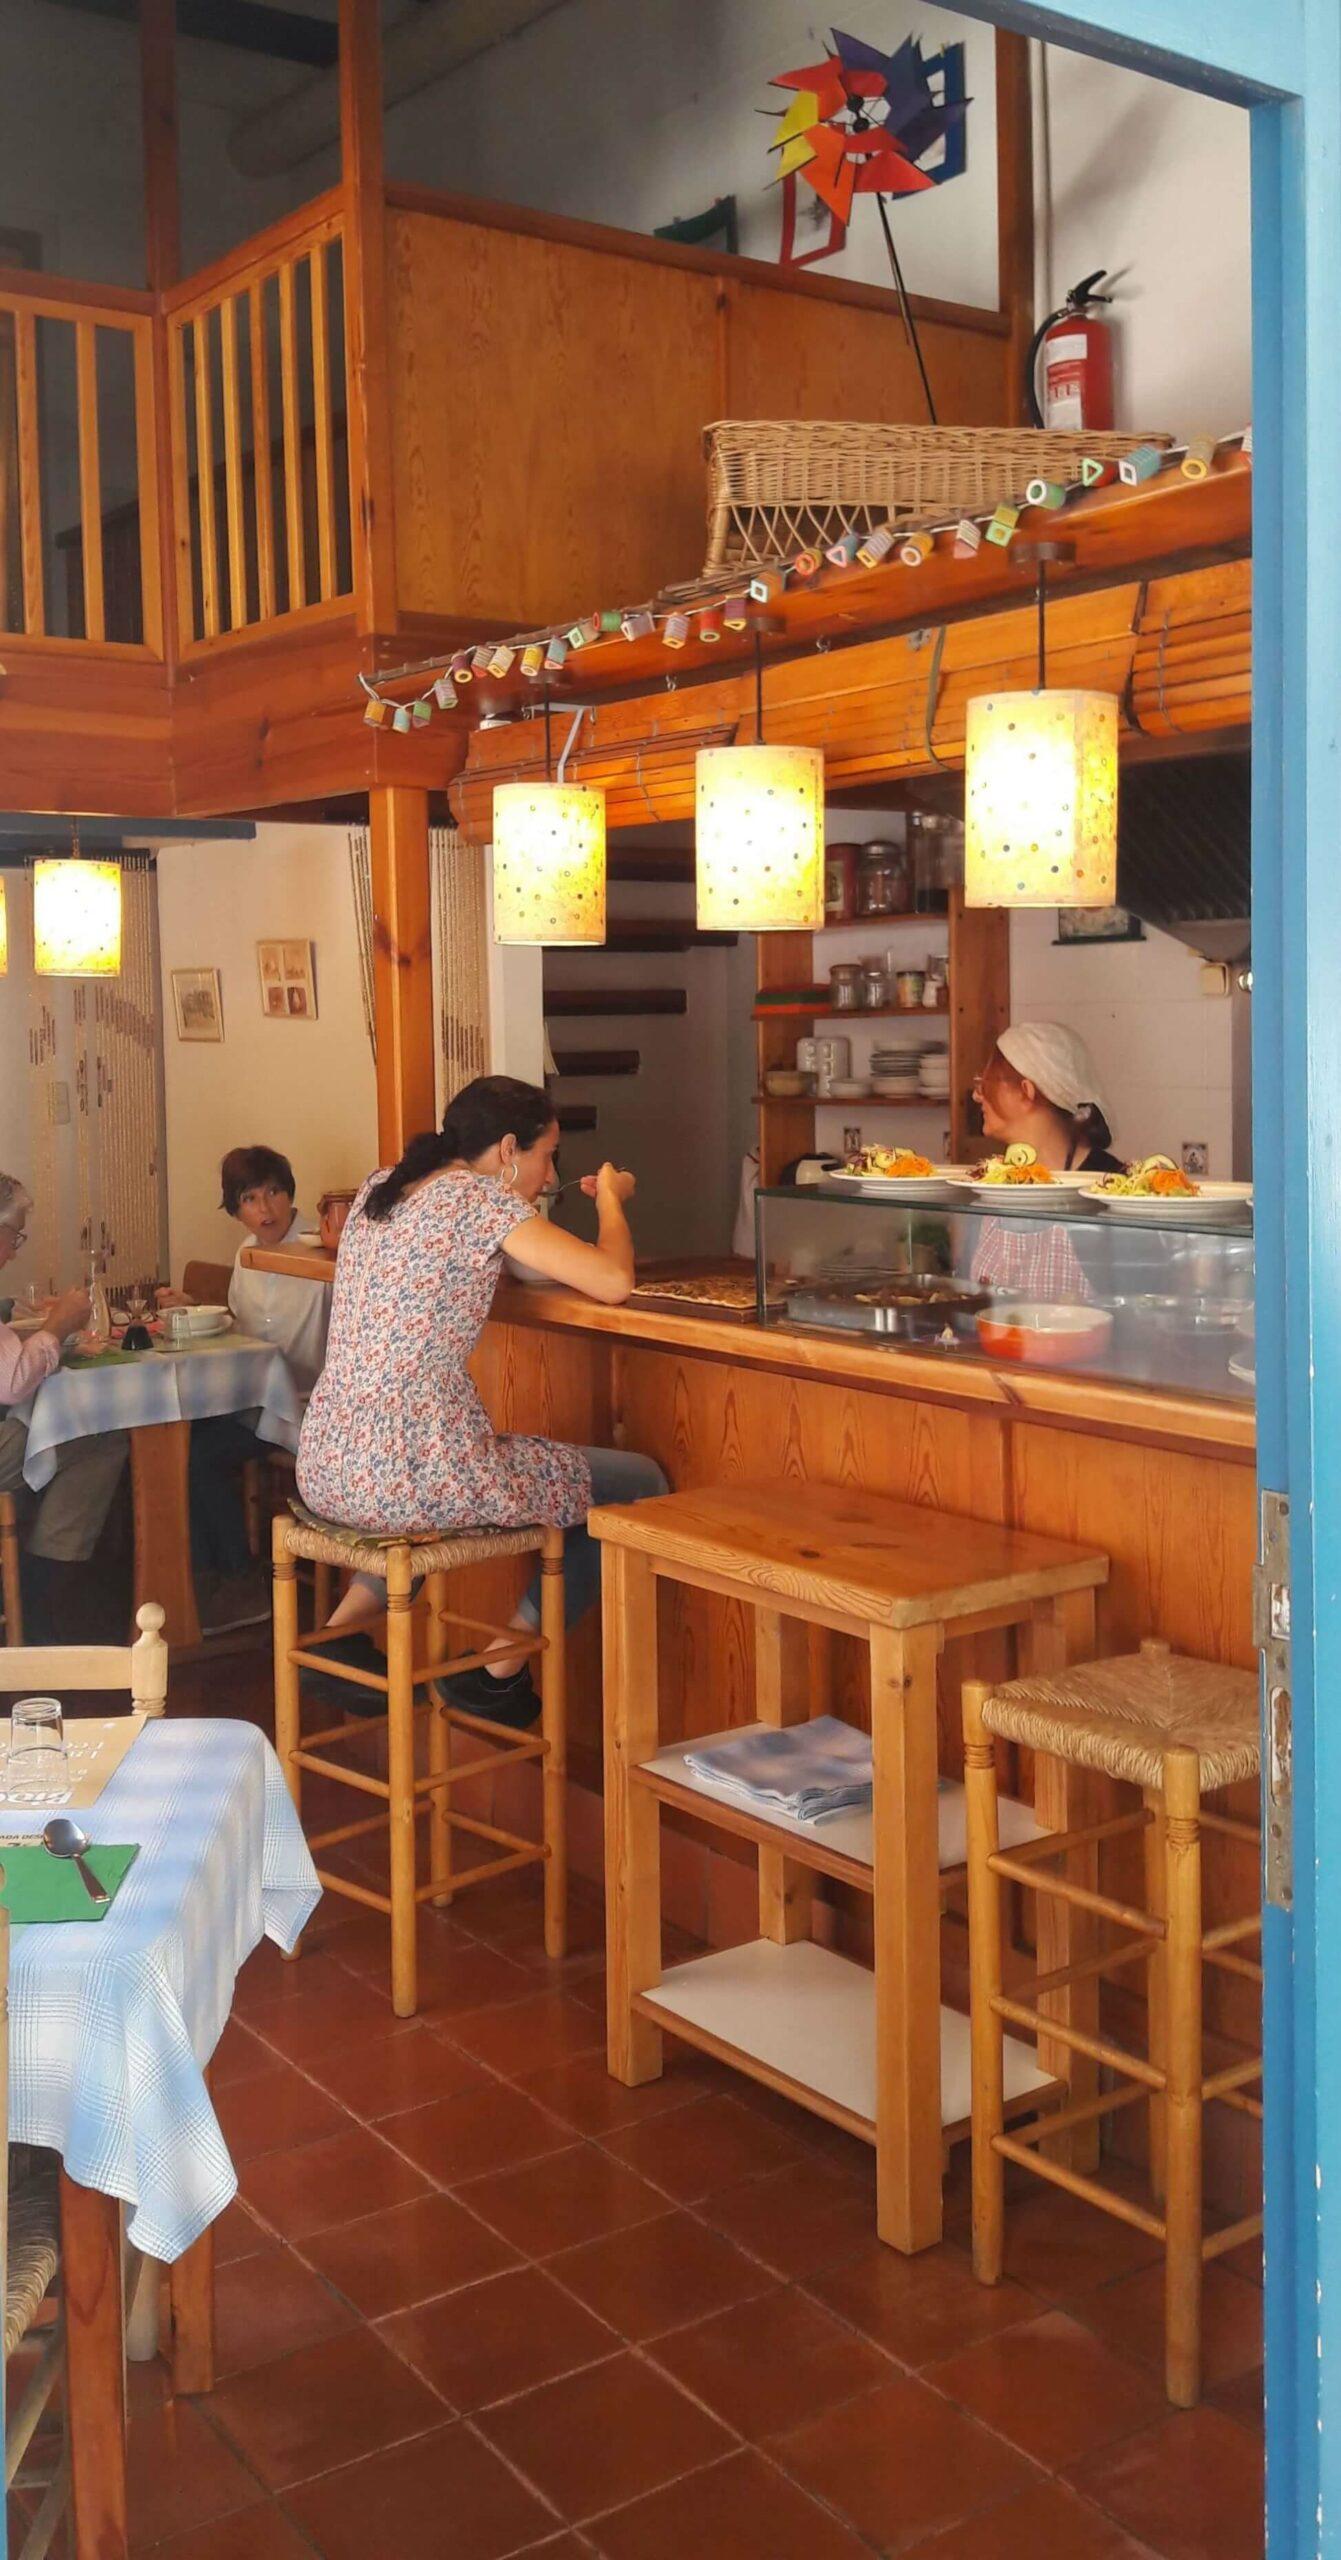 Restaurante comida sana barcelona